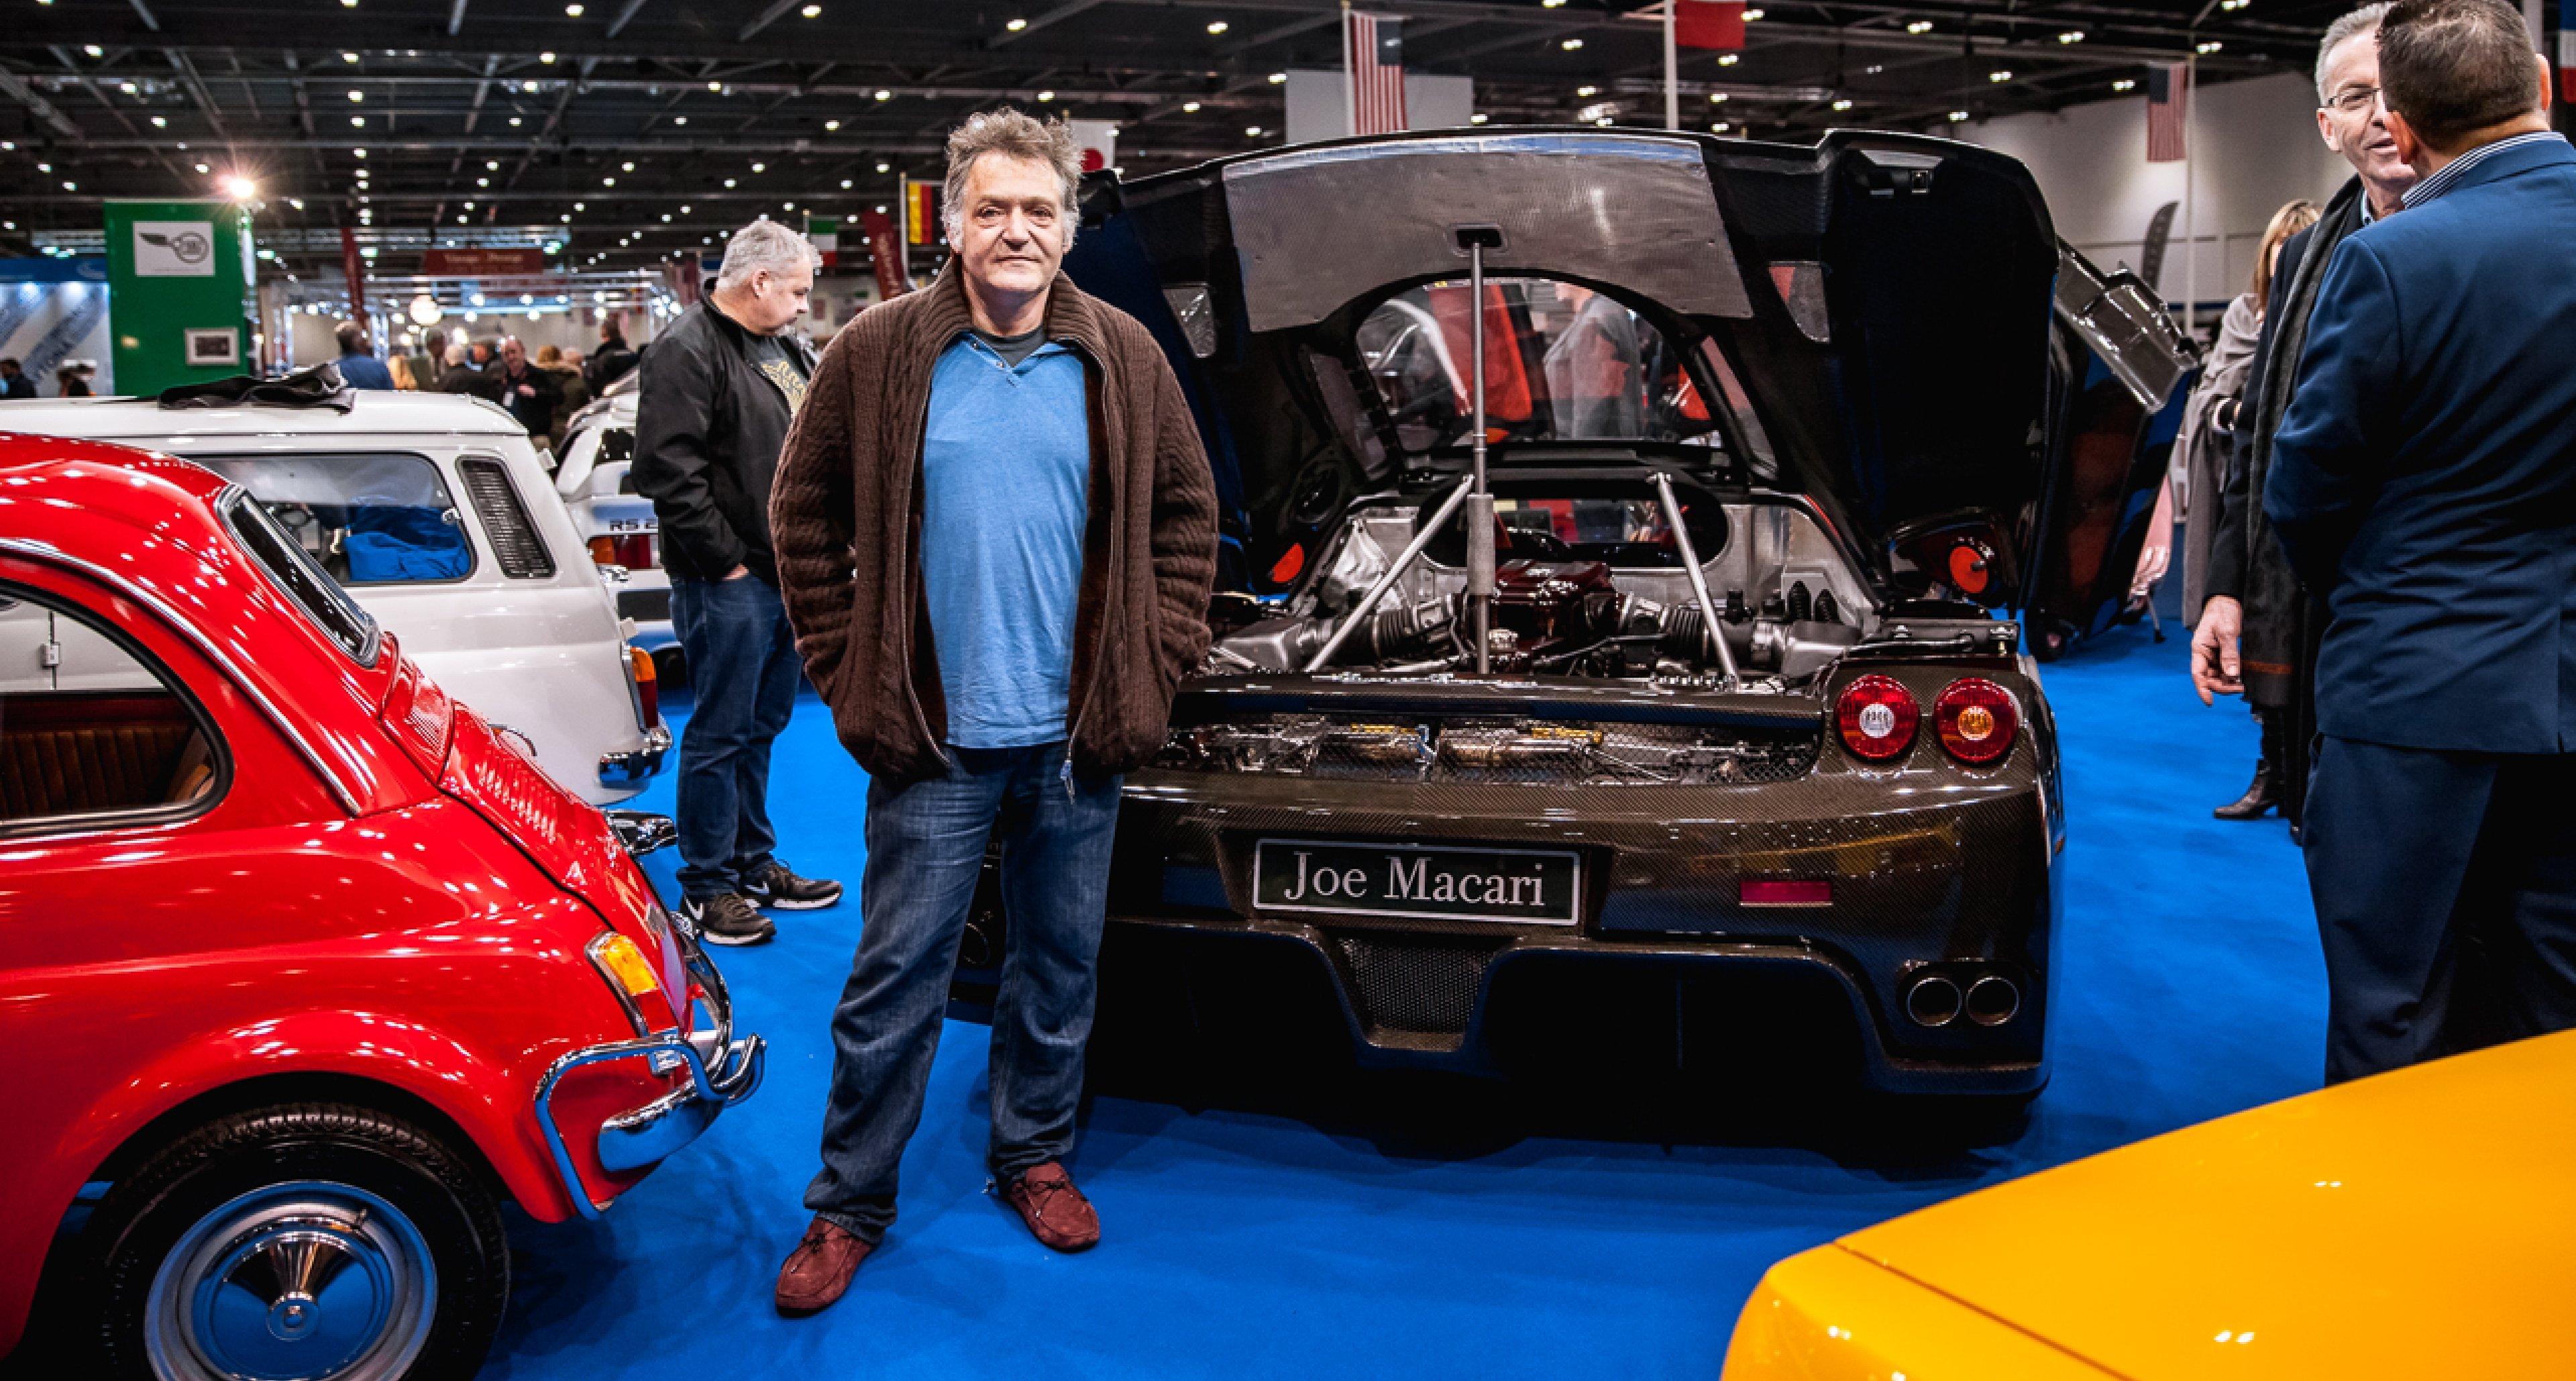 Joe Macari of Joe Macari Performance Cars London